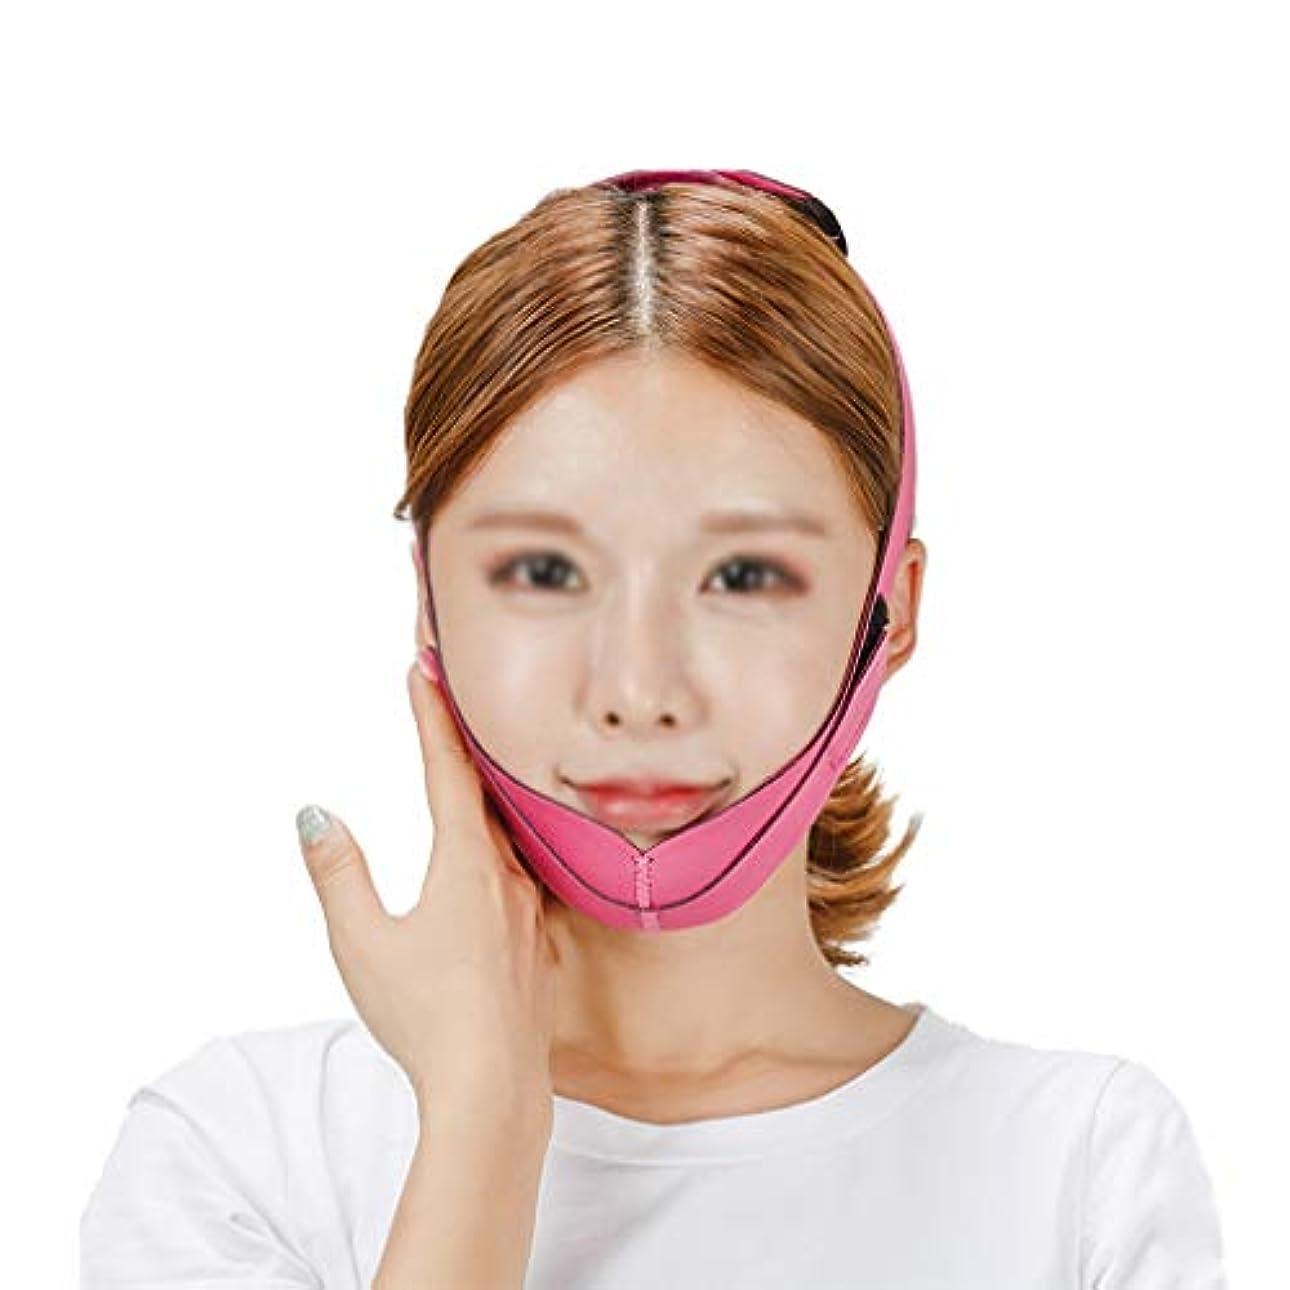 闘争メンタル登録XHLMRMJ 超薄Vフェイスライン、フェイスリフティングマスク、Vフェイスリフティングとリフティングファーミングパターン、シェイピングフェイス、改善ダブルチン、ピンク、女性に適しています